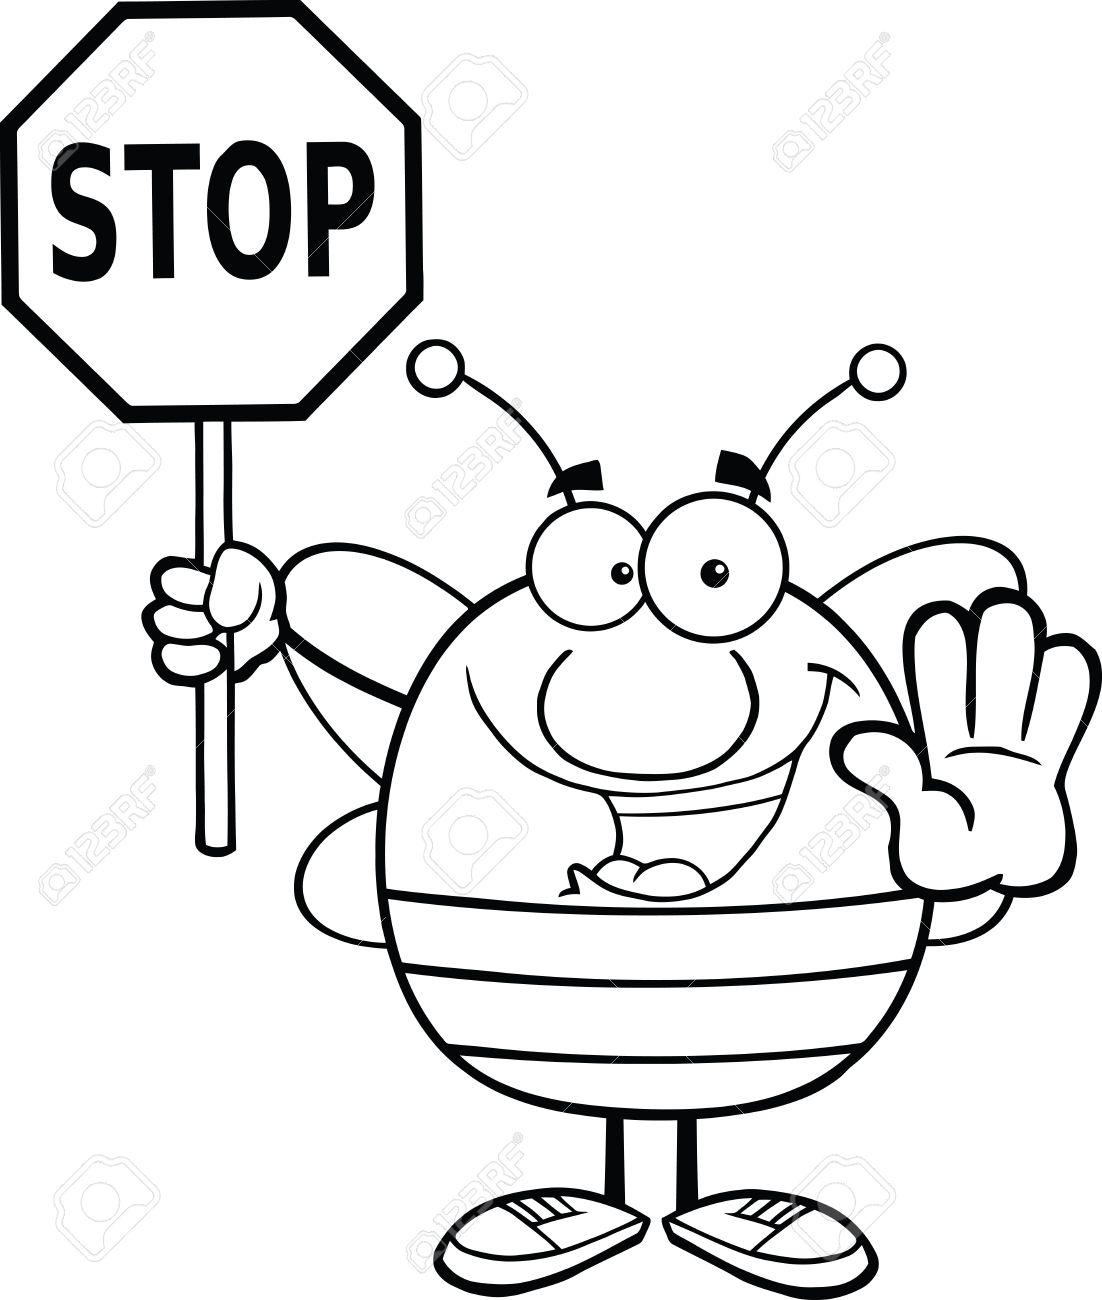 Stop sign clip art black and white tumundografico